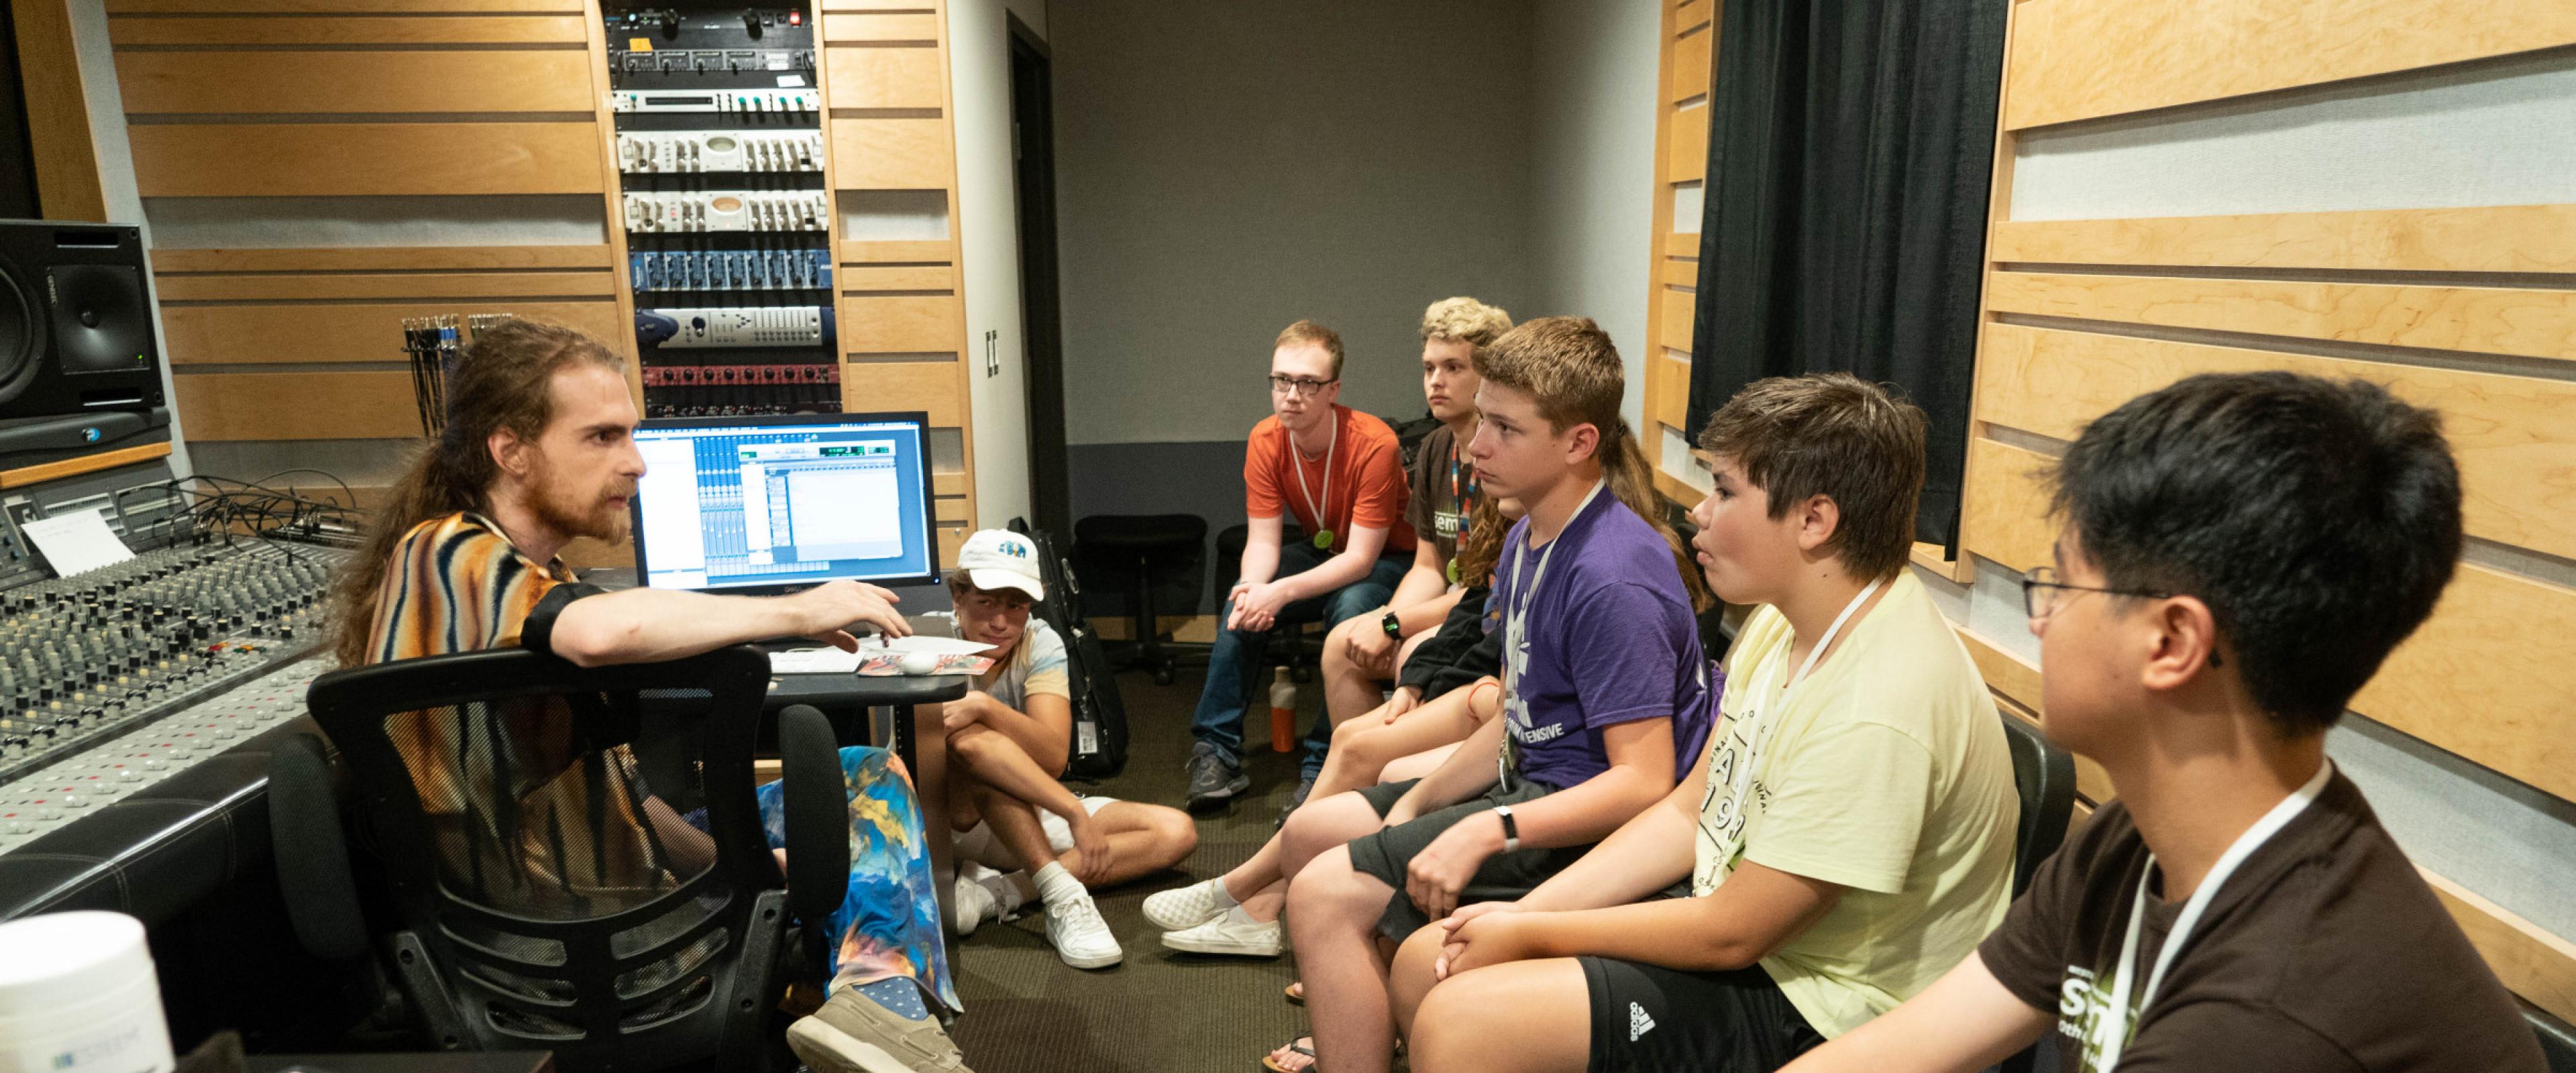 music tech class